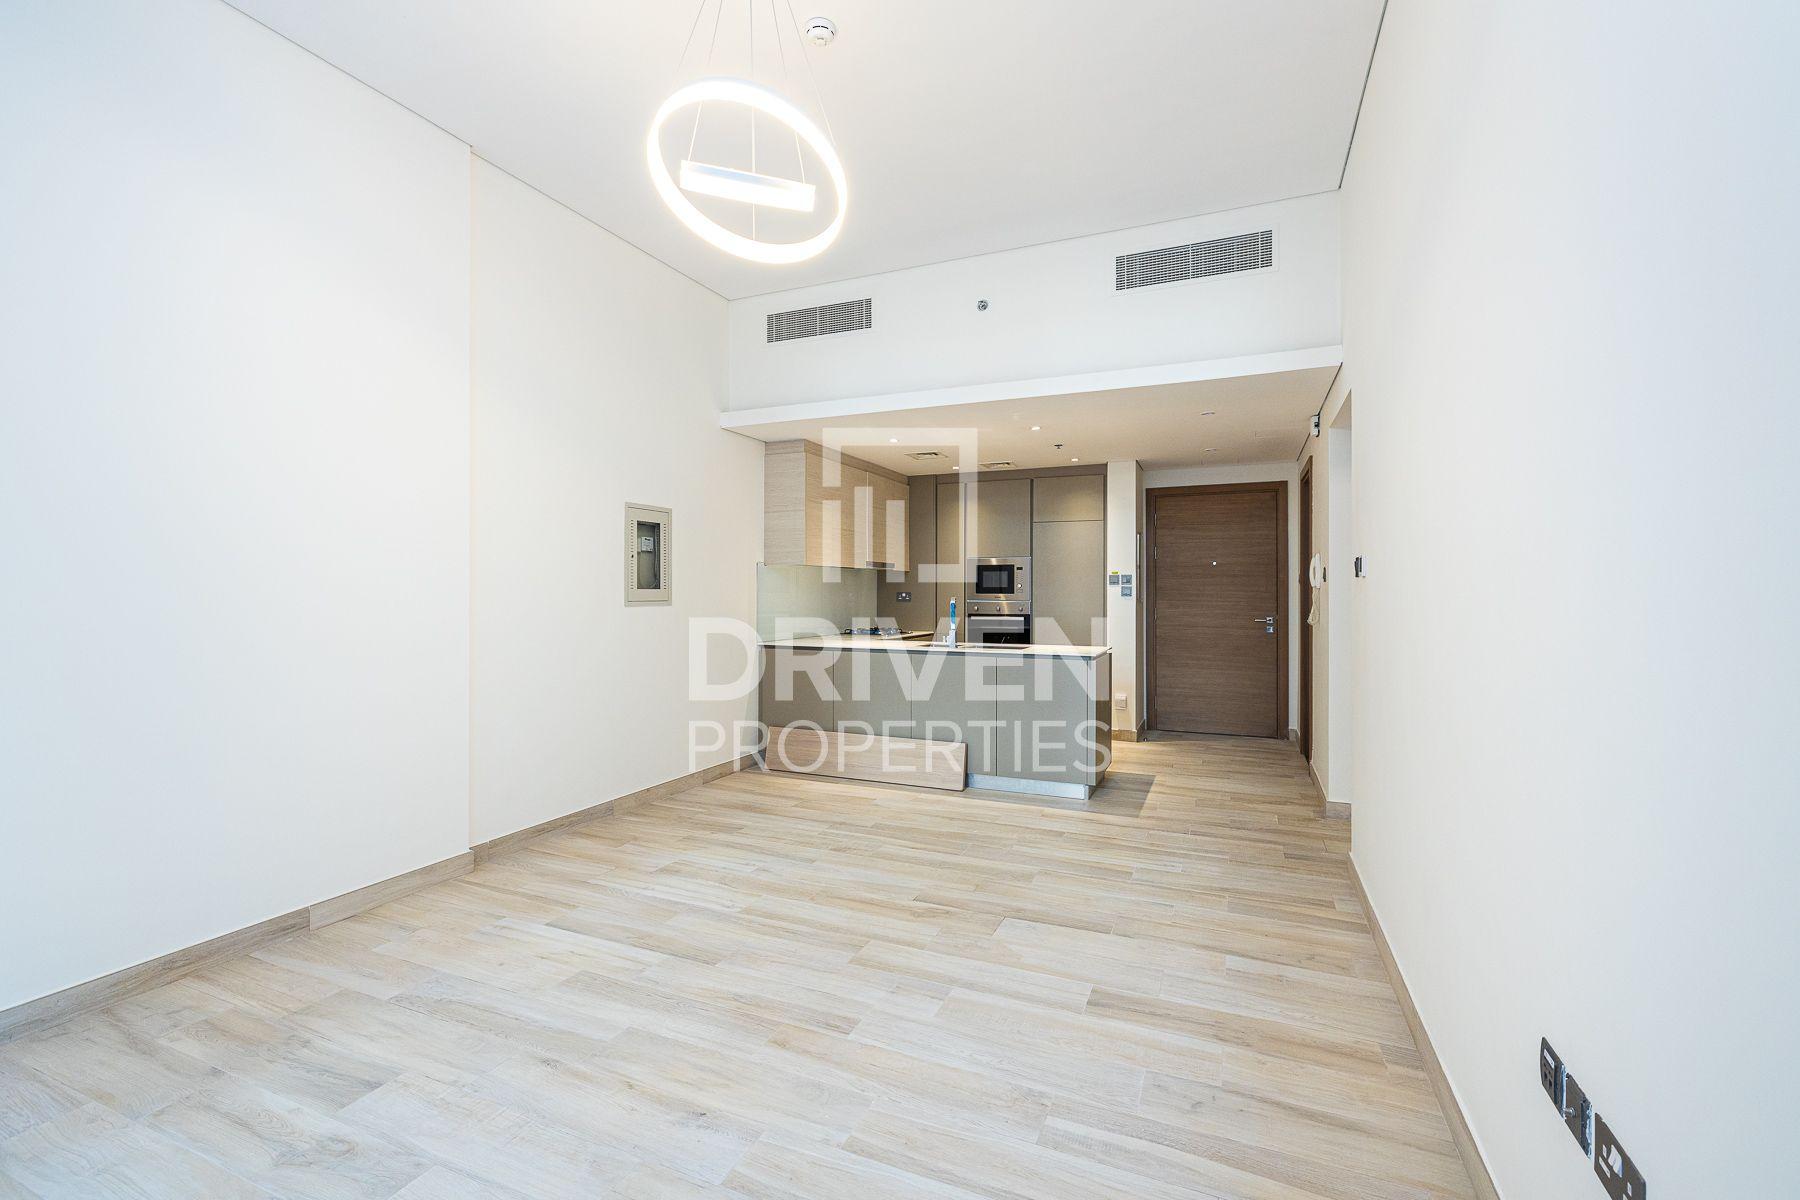 900 قدم مربع  شقة - للبيع - قرية الجميرا سركل